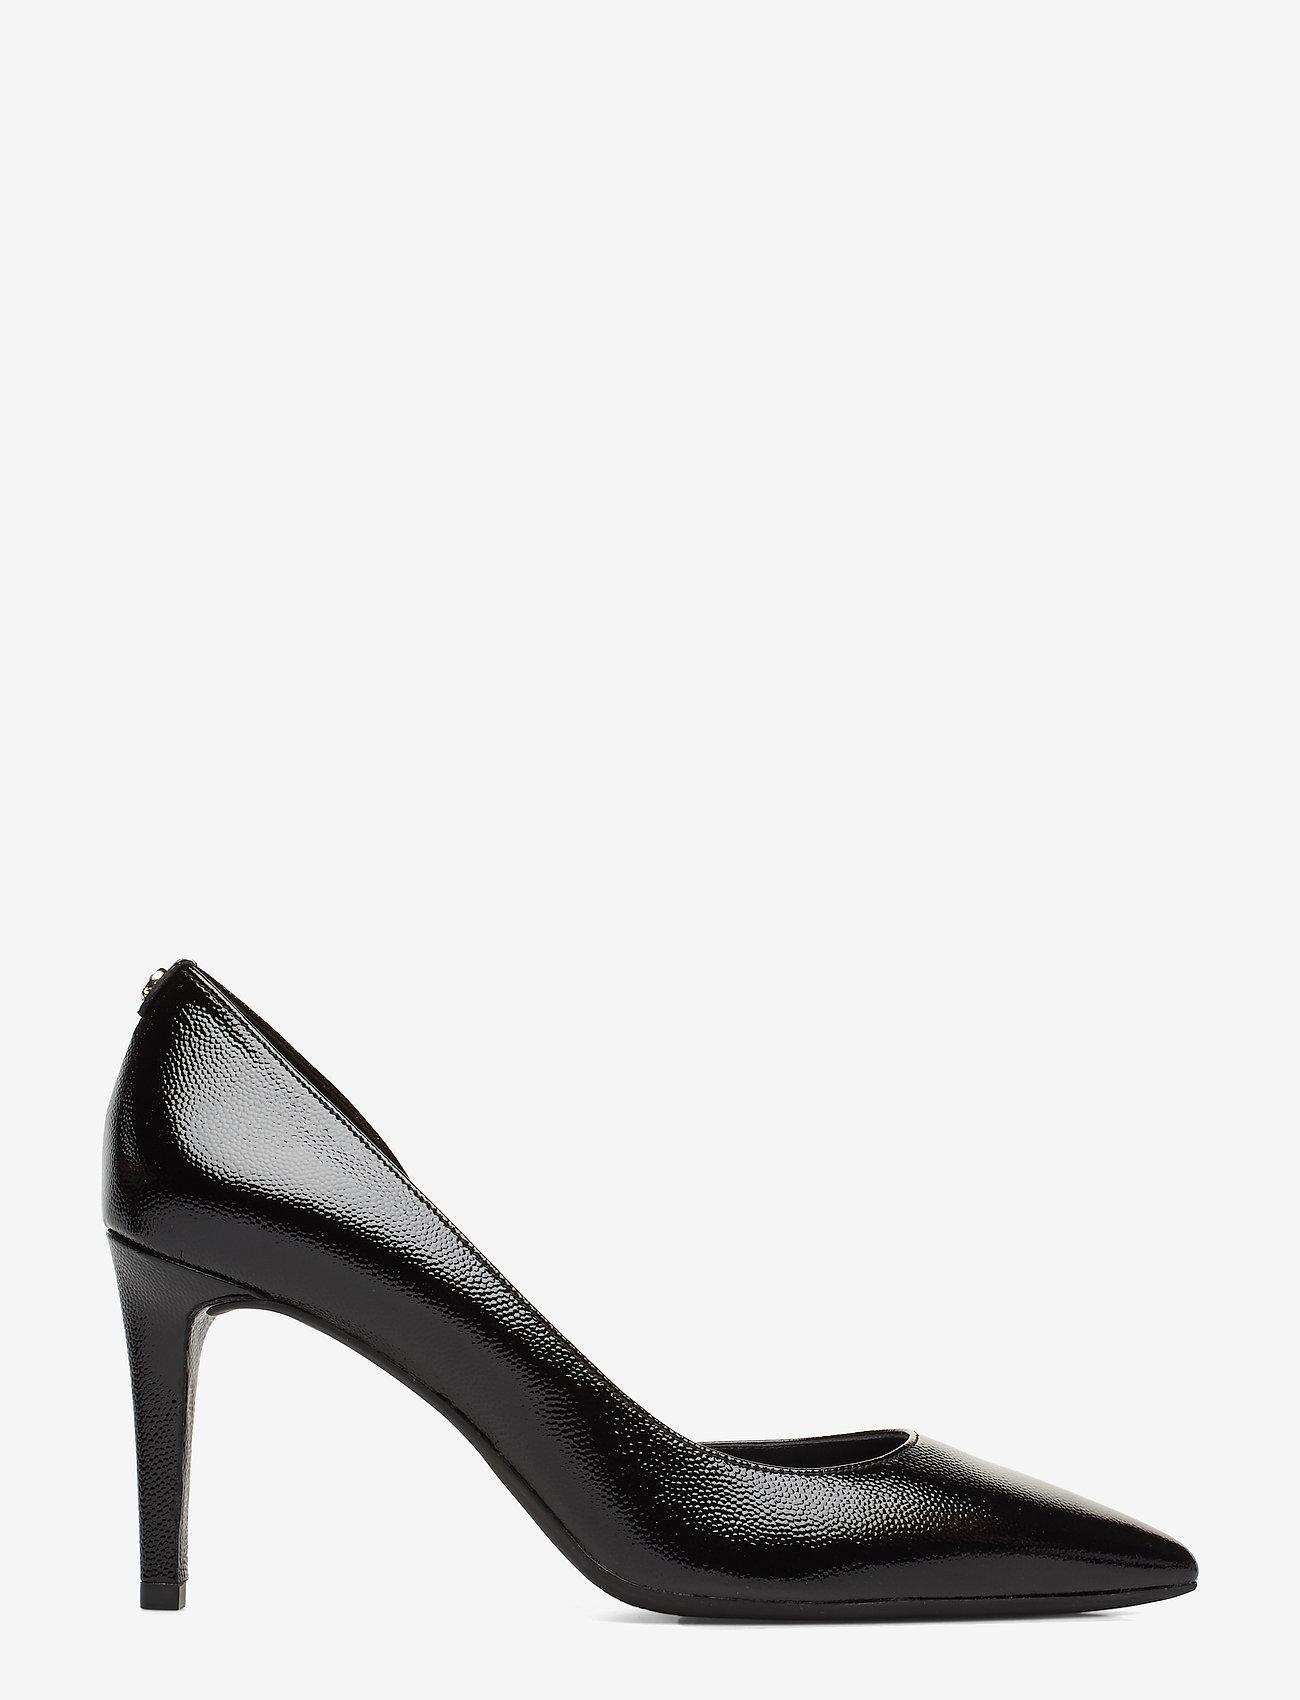 Michael Kors Shoes Dorothy Flex Dorsay - Chaussures À Talons